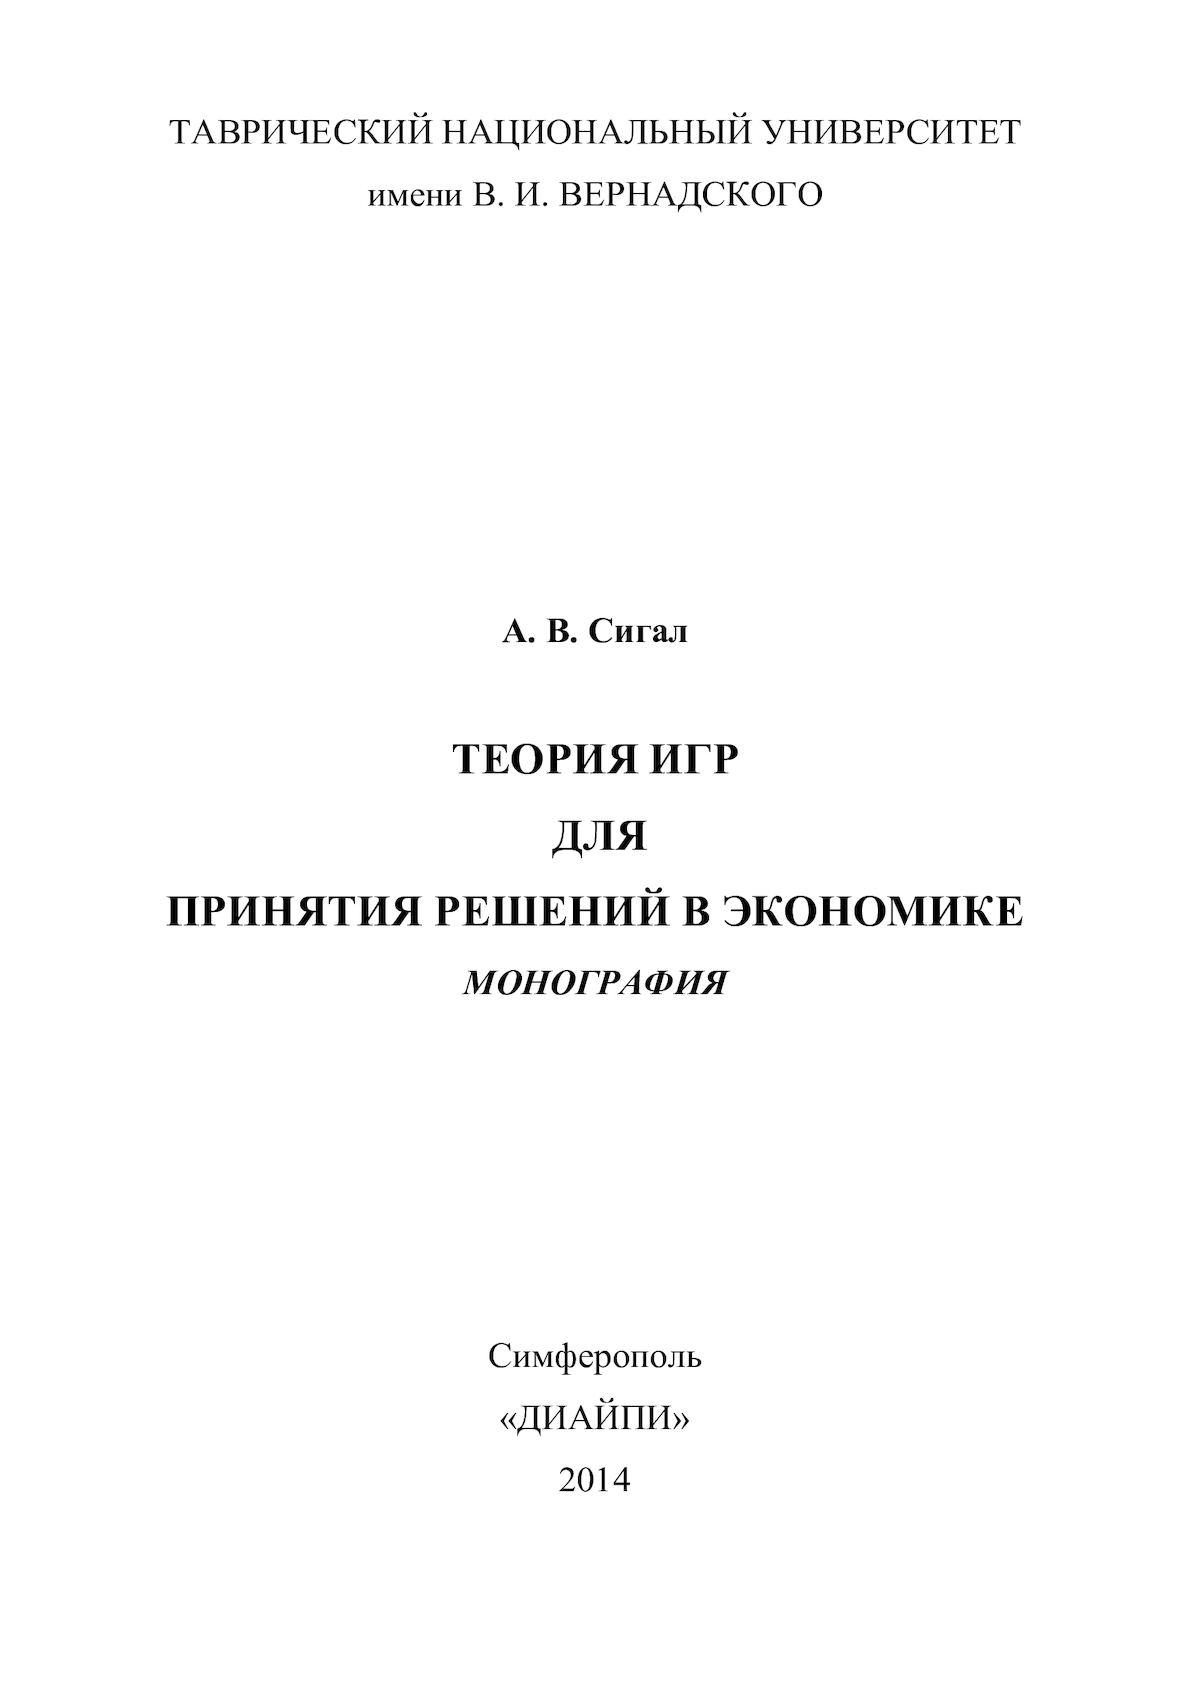 Справочник баратова скачать pdf